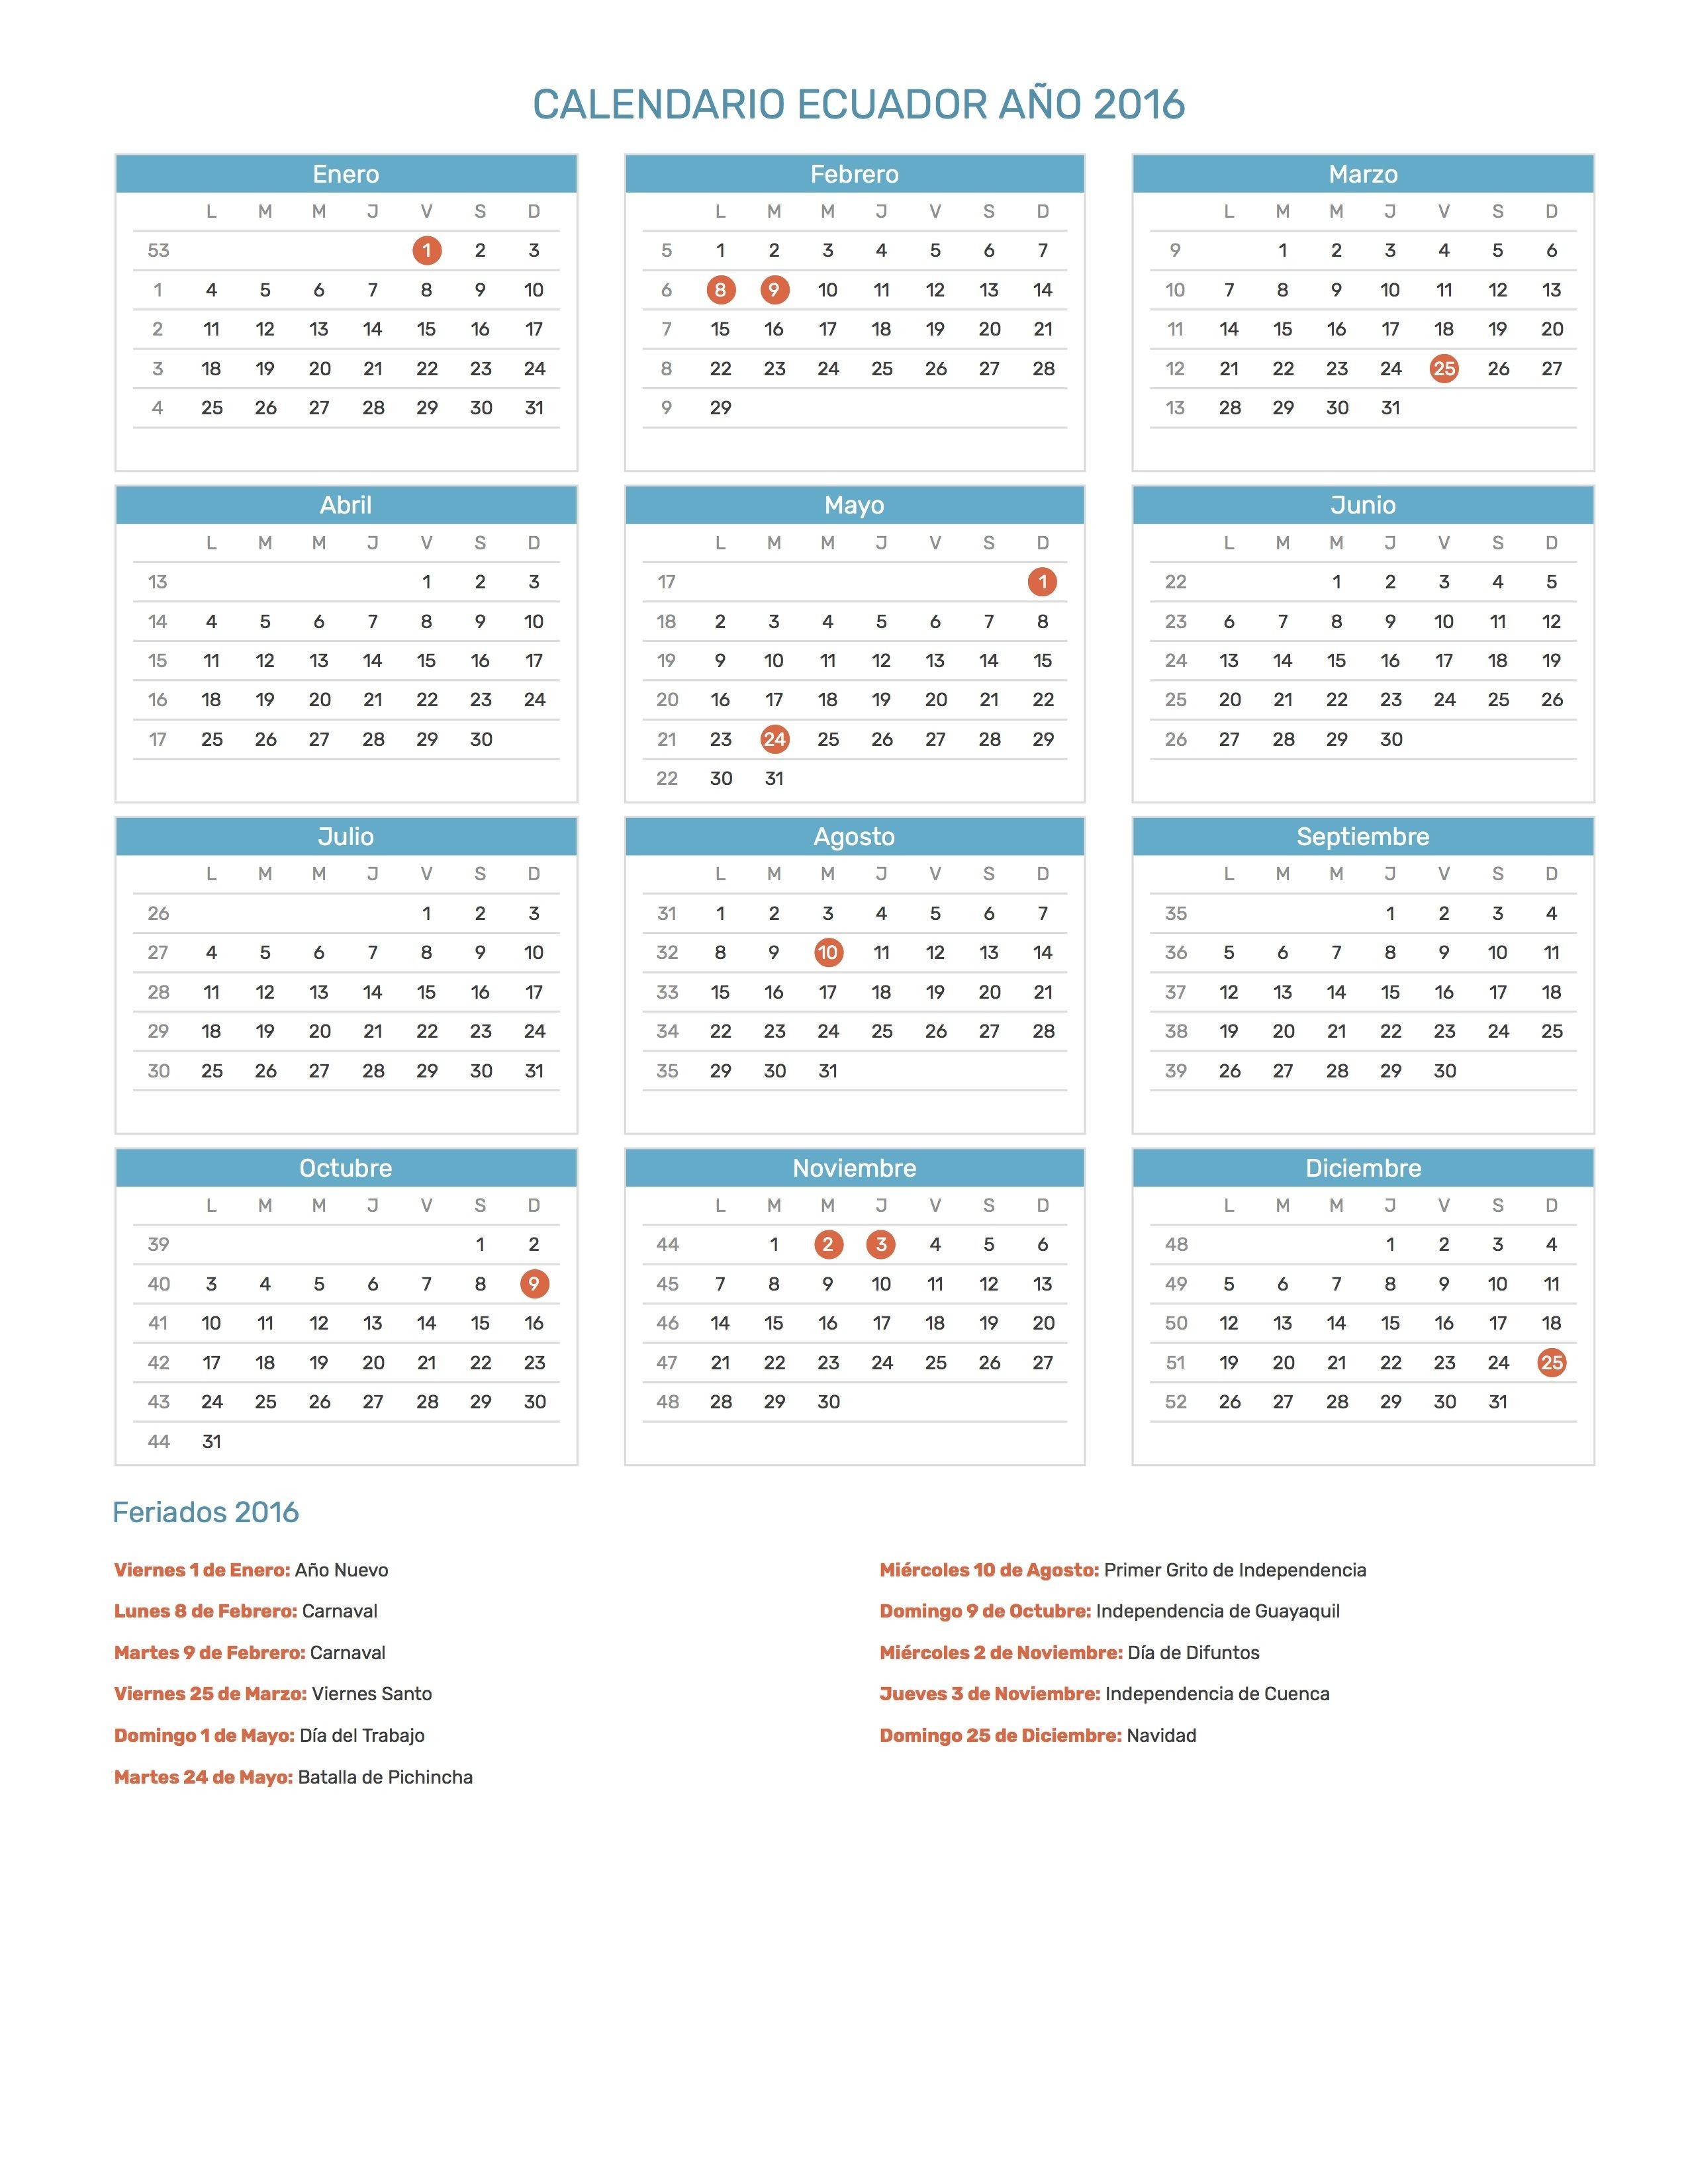 Pin de Calendario Hispano en Calendario con feriados a±o 2016 Pinterest